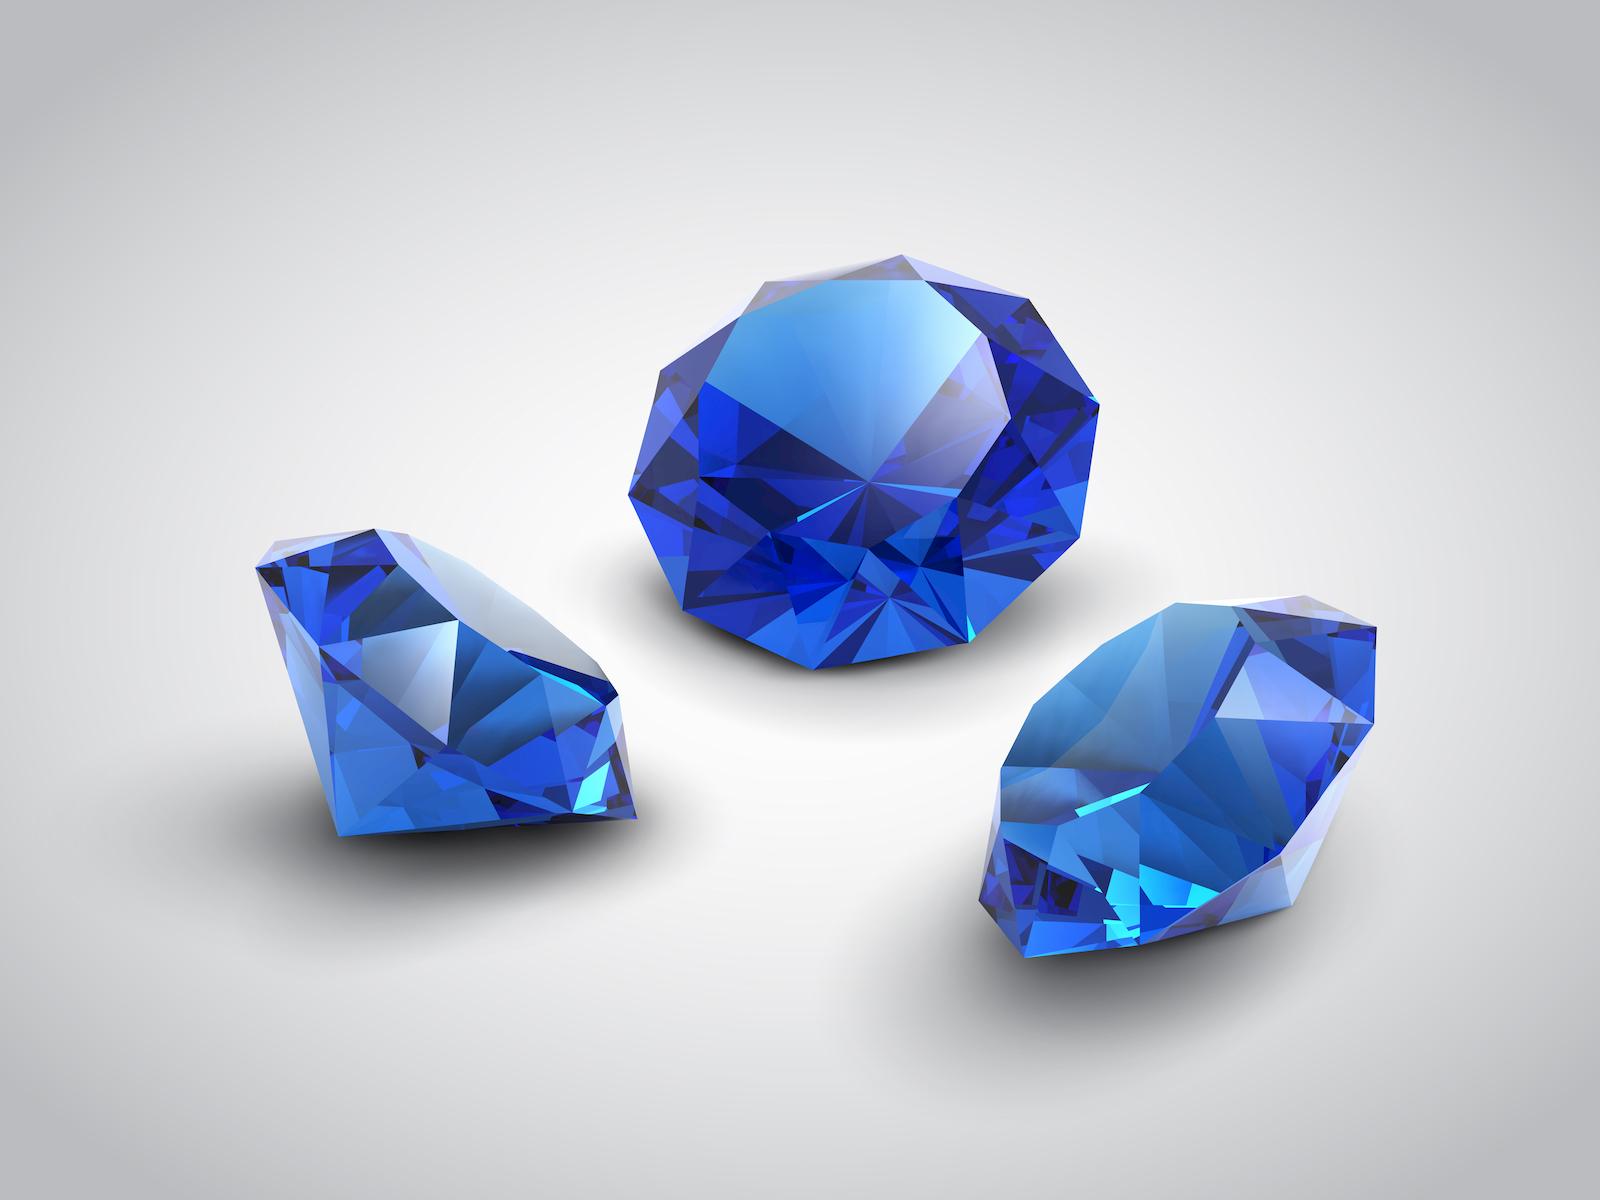 Drei geschliffene blaue Saphire